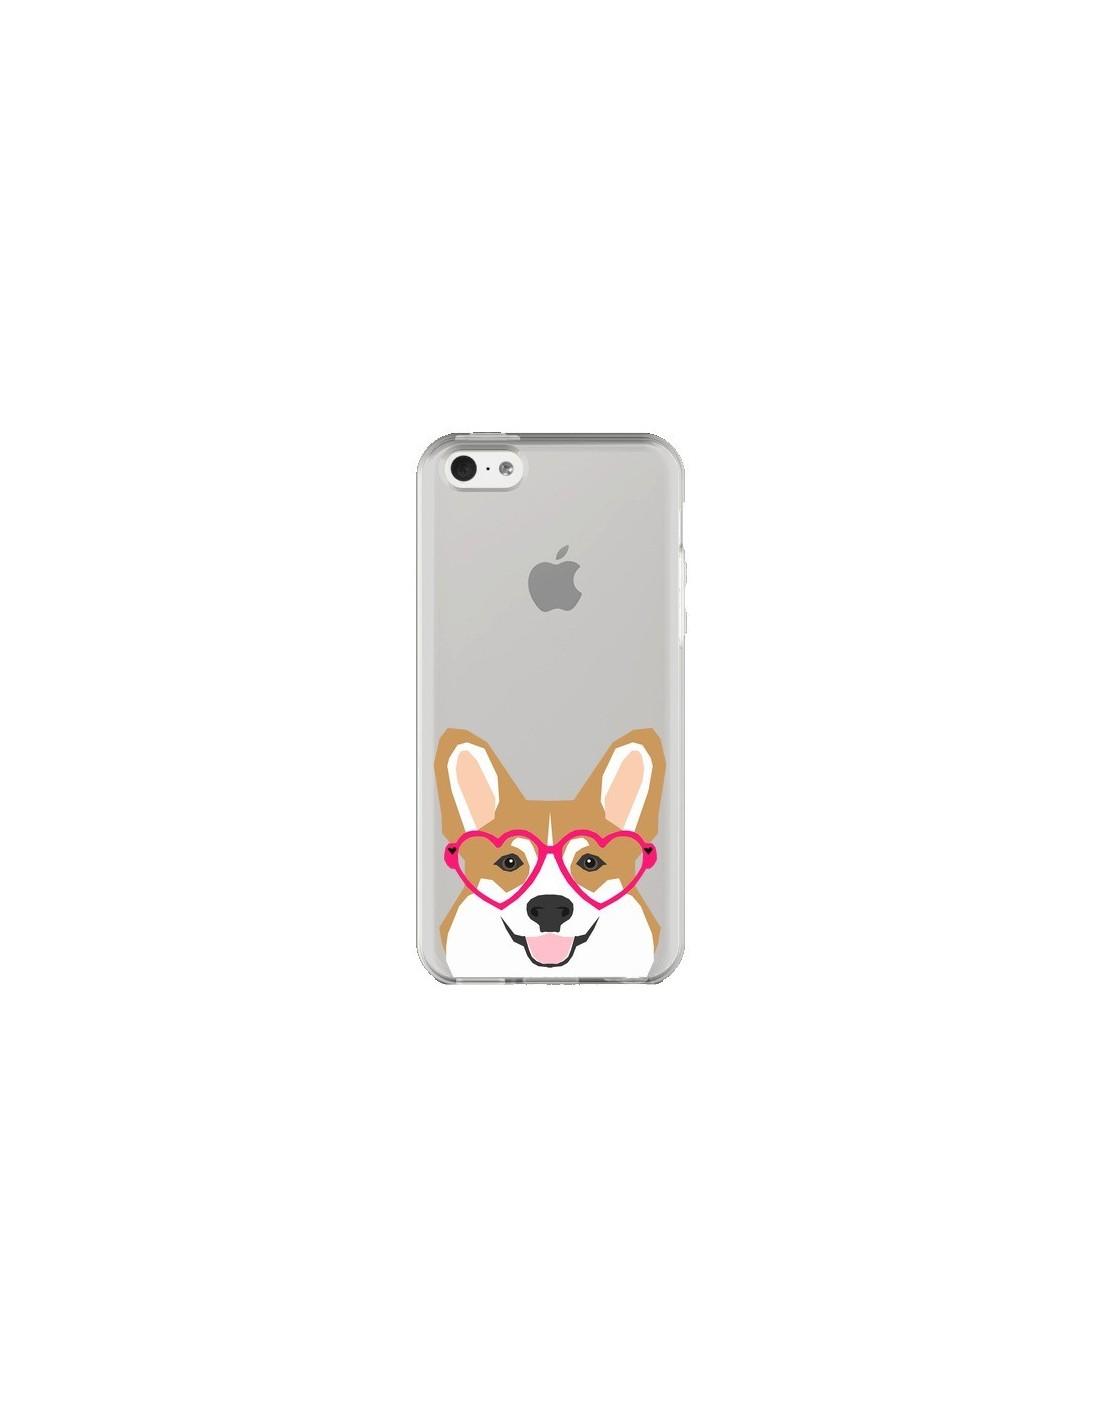 coque iphone 5c chien marrant lunettes coeurs transparente pet friendly